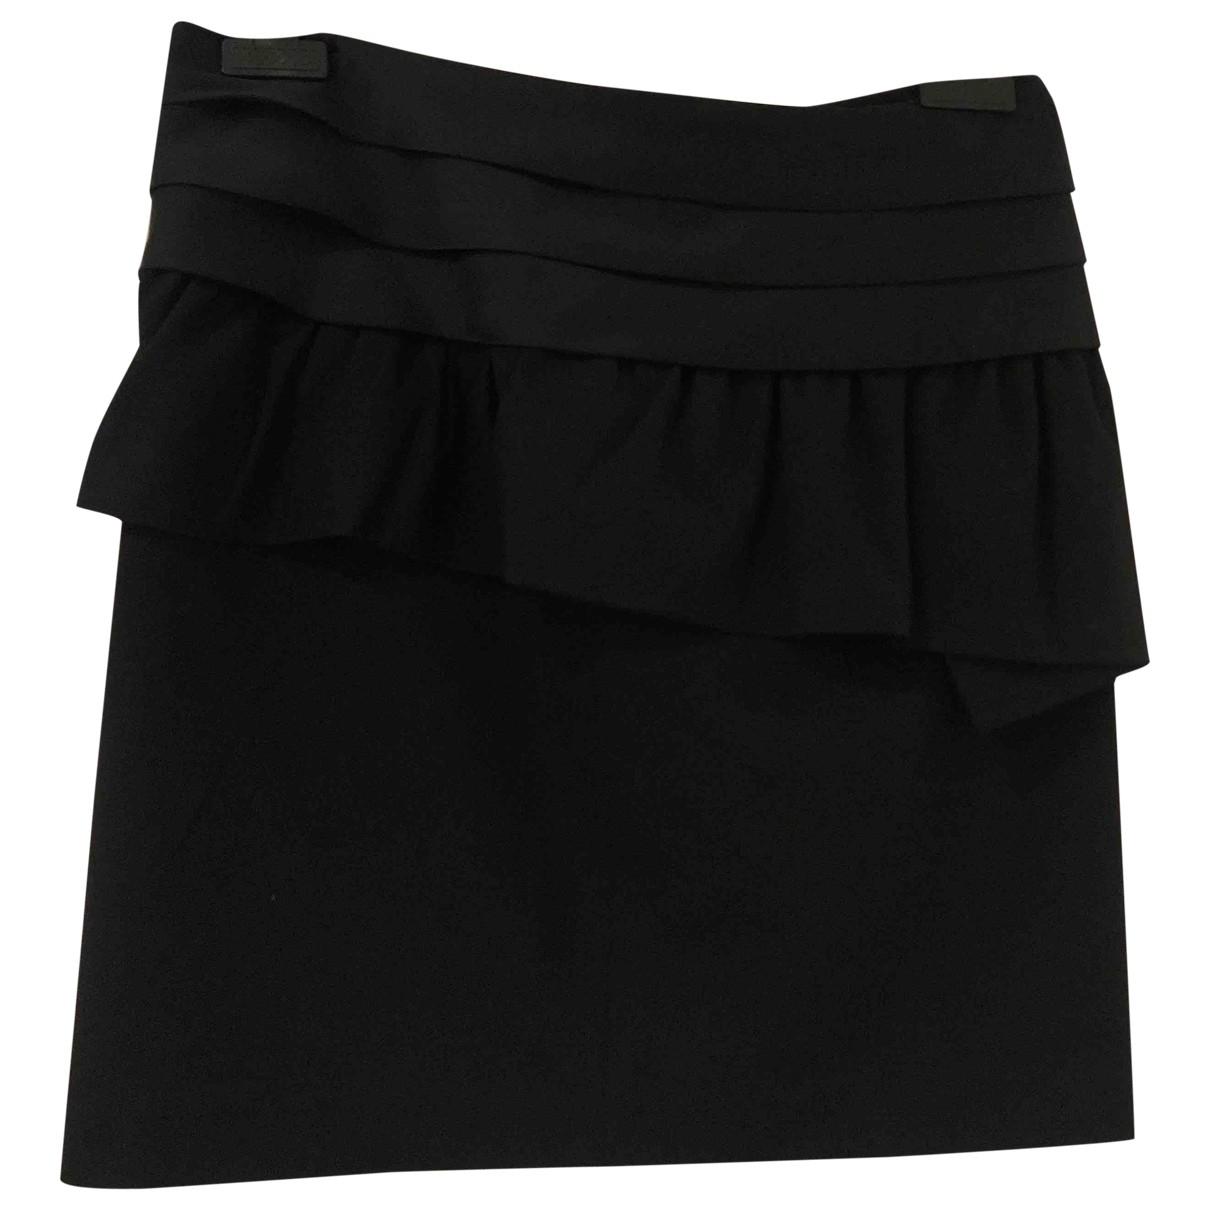 Michael Kors \N Black skirt for Women 6 UK